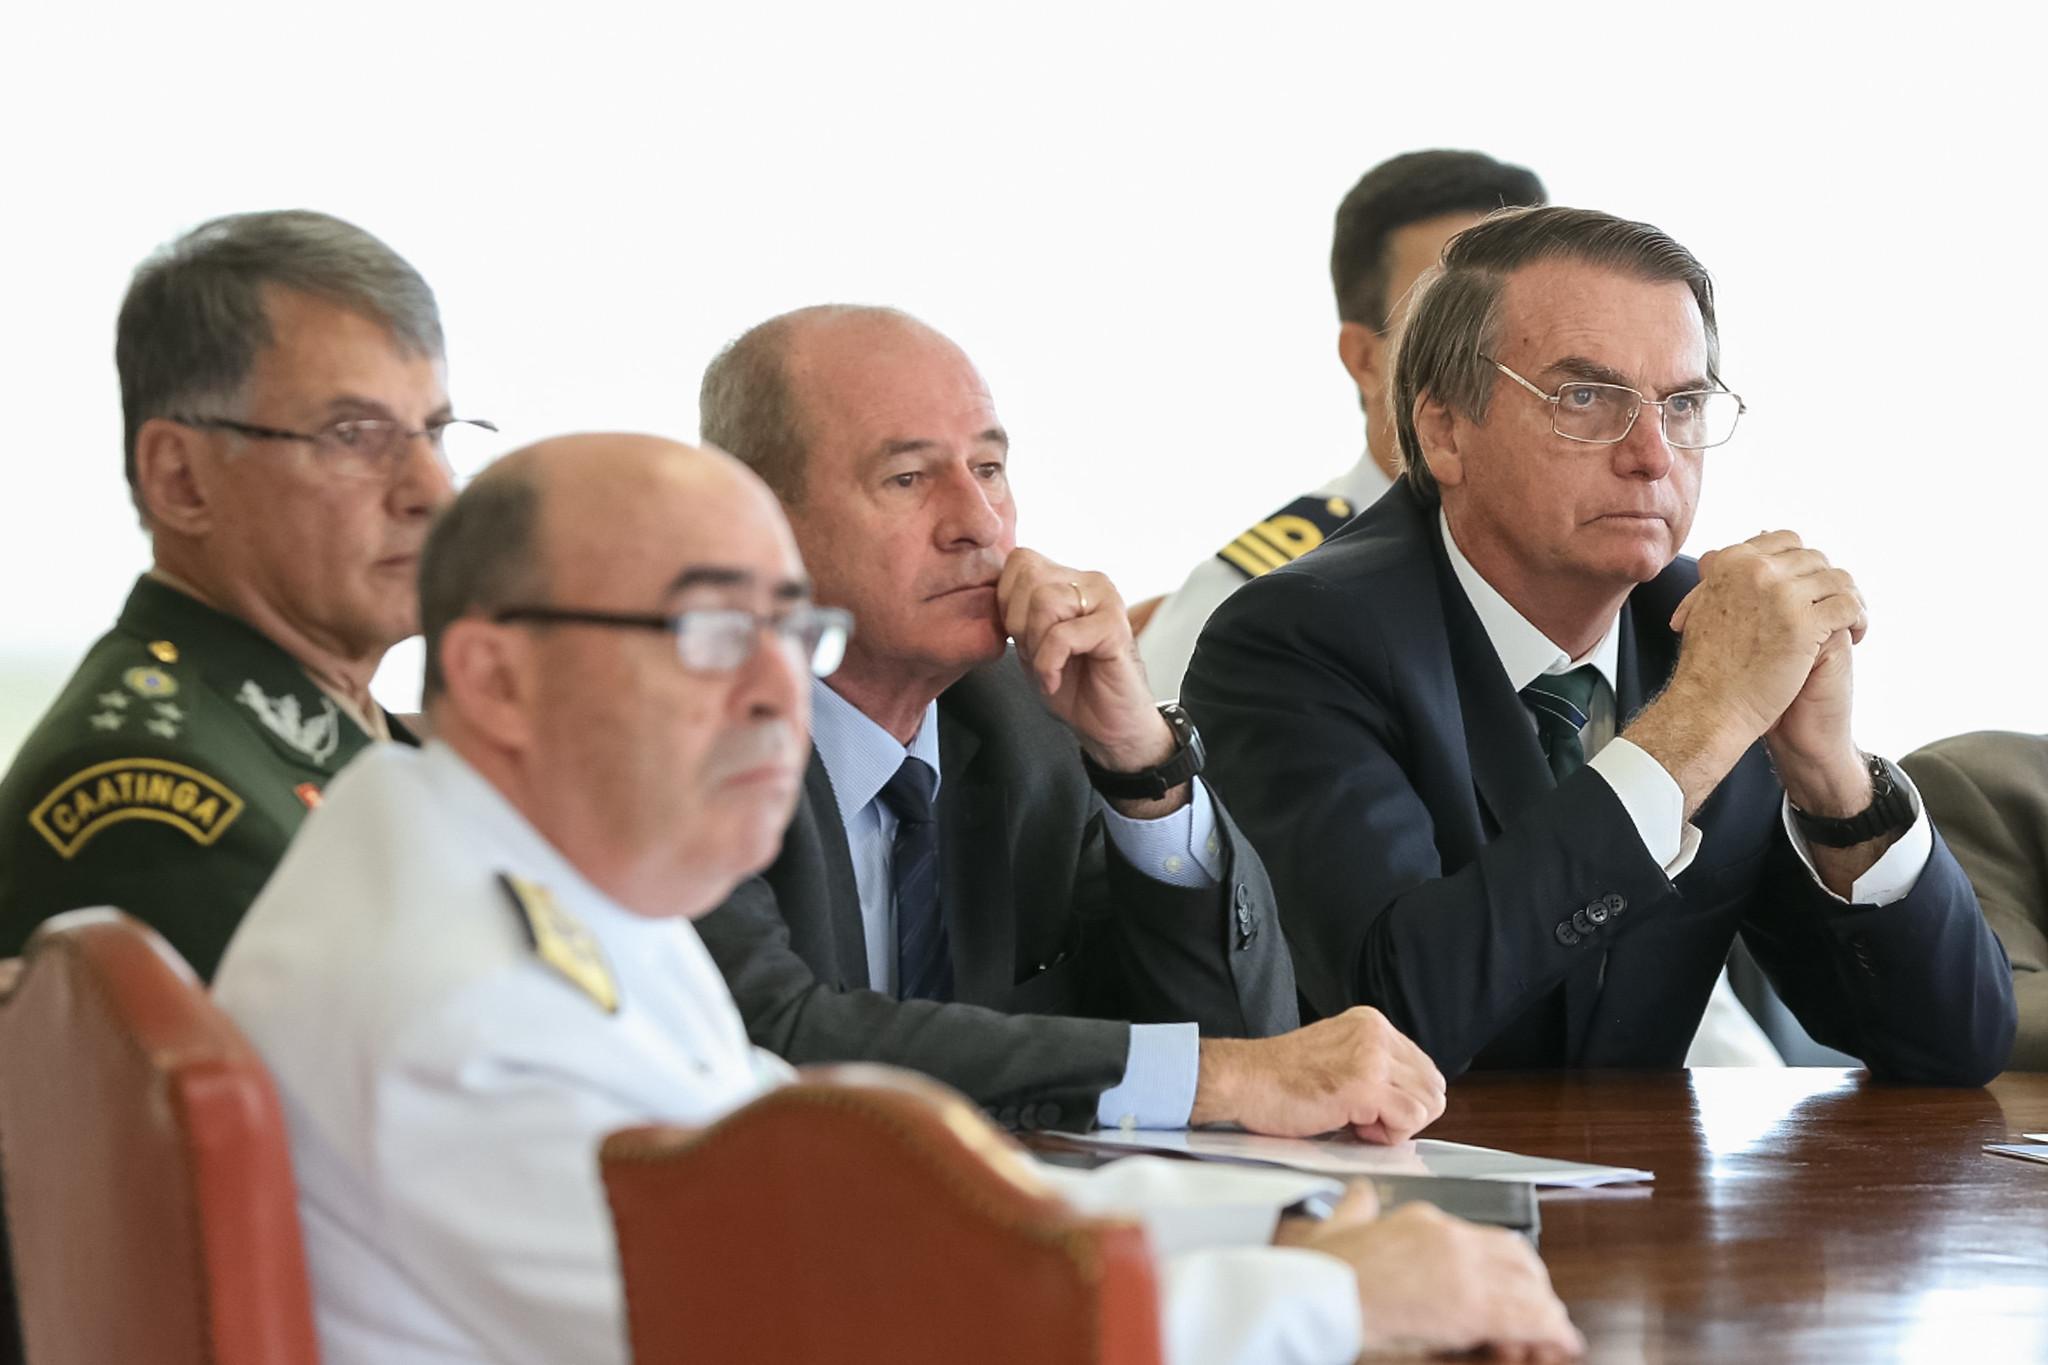 IMAGEM: Renúncia dos comandantes foi sinal também para os militares, diz professor